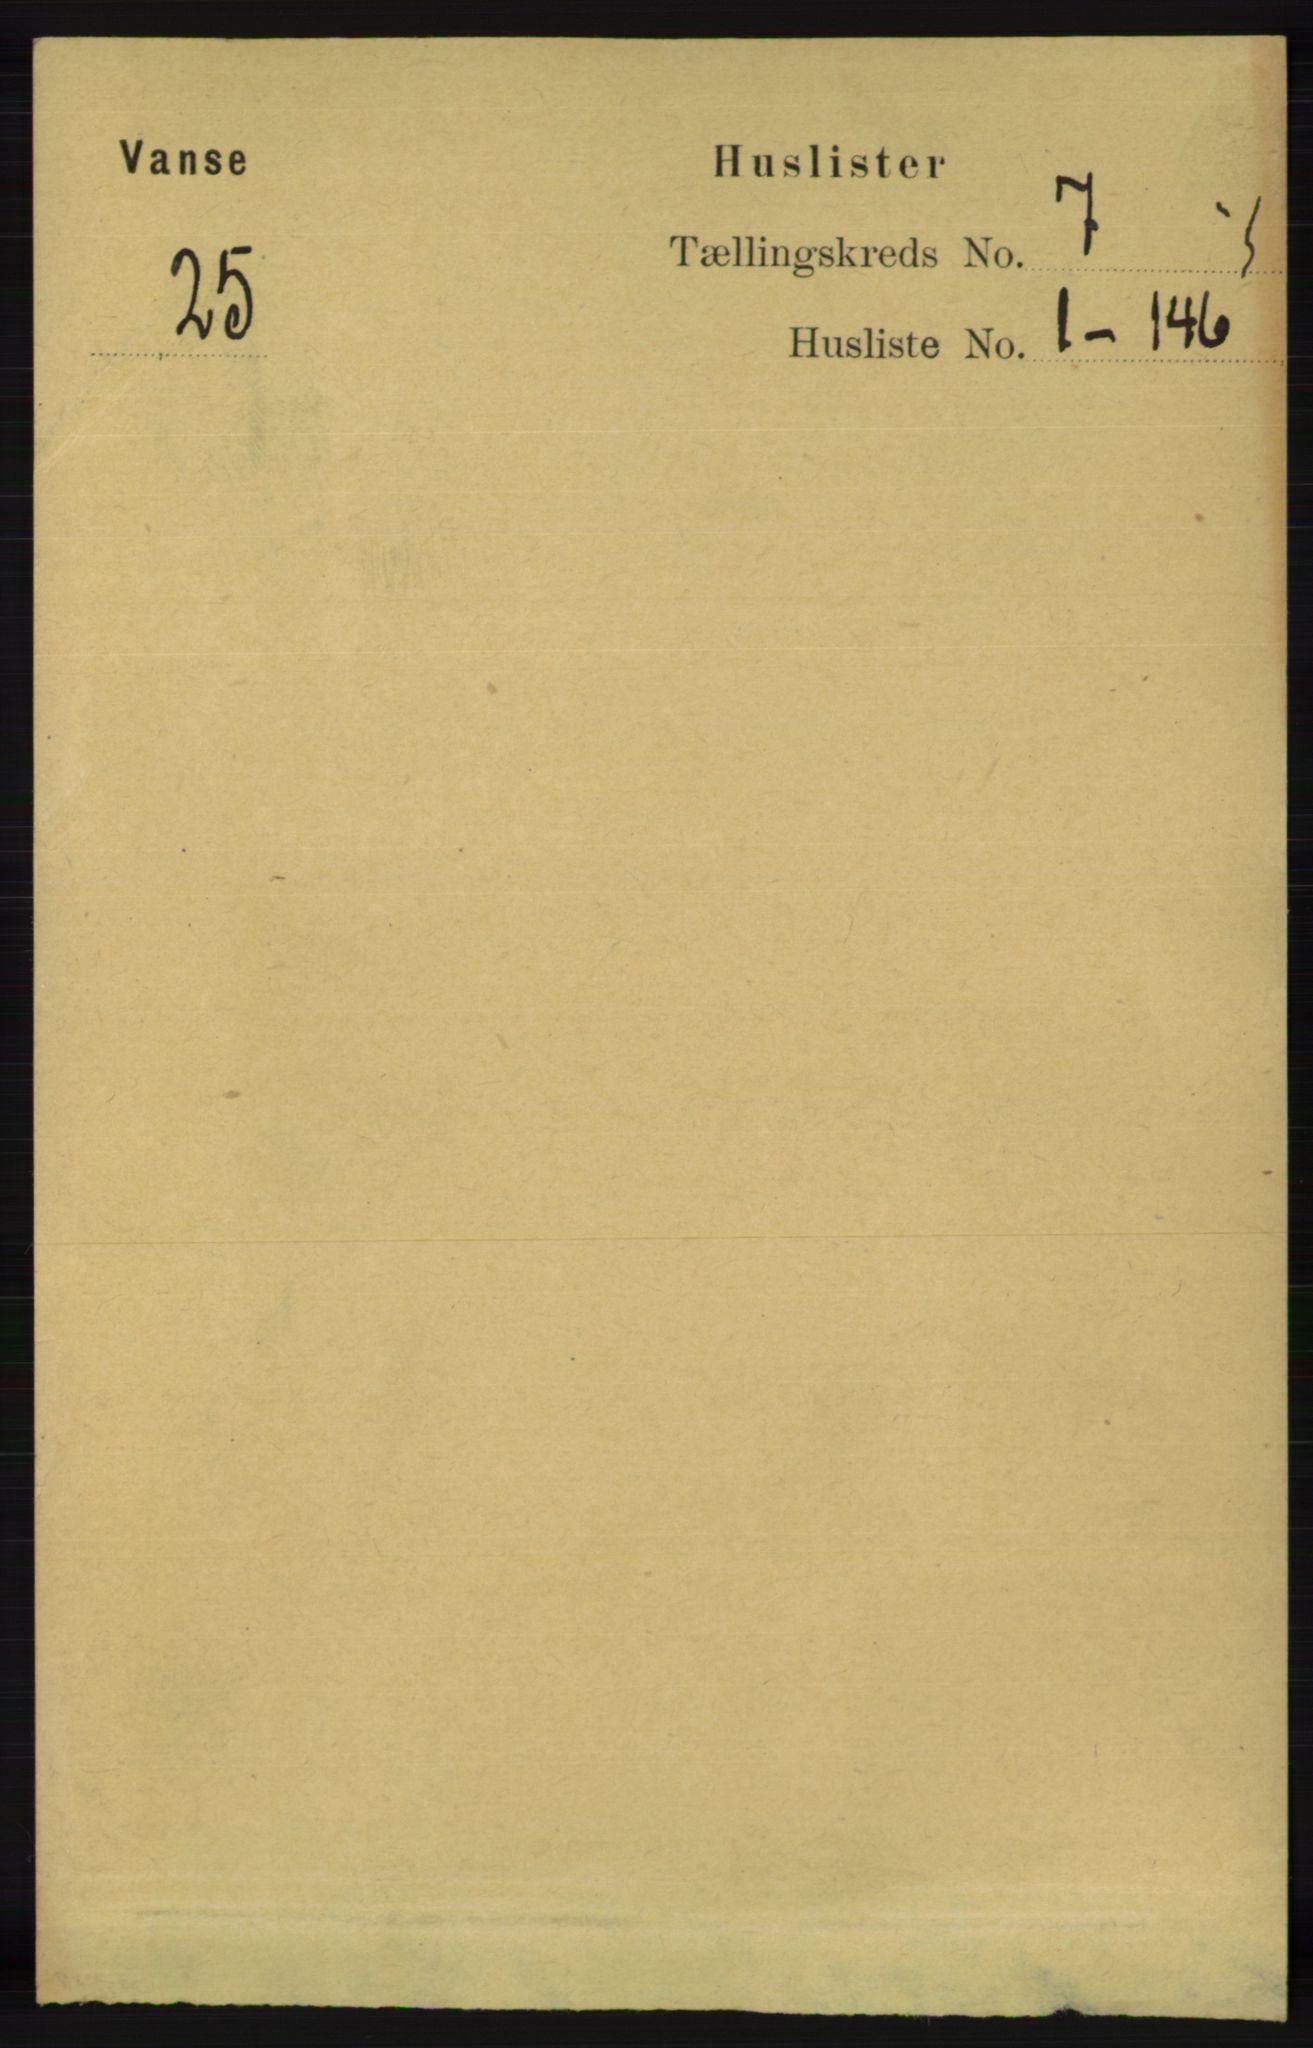 RA, Folketelling 1891 for 1041 Vanse herred, 1891, s. 3936